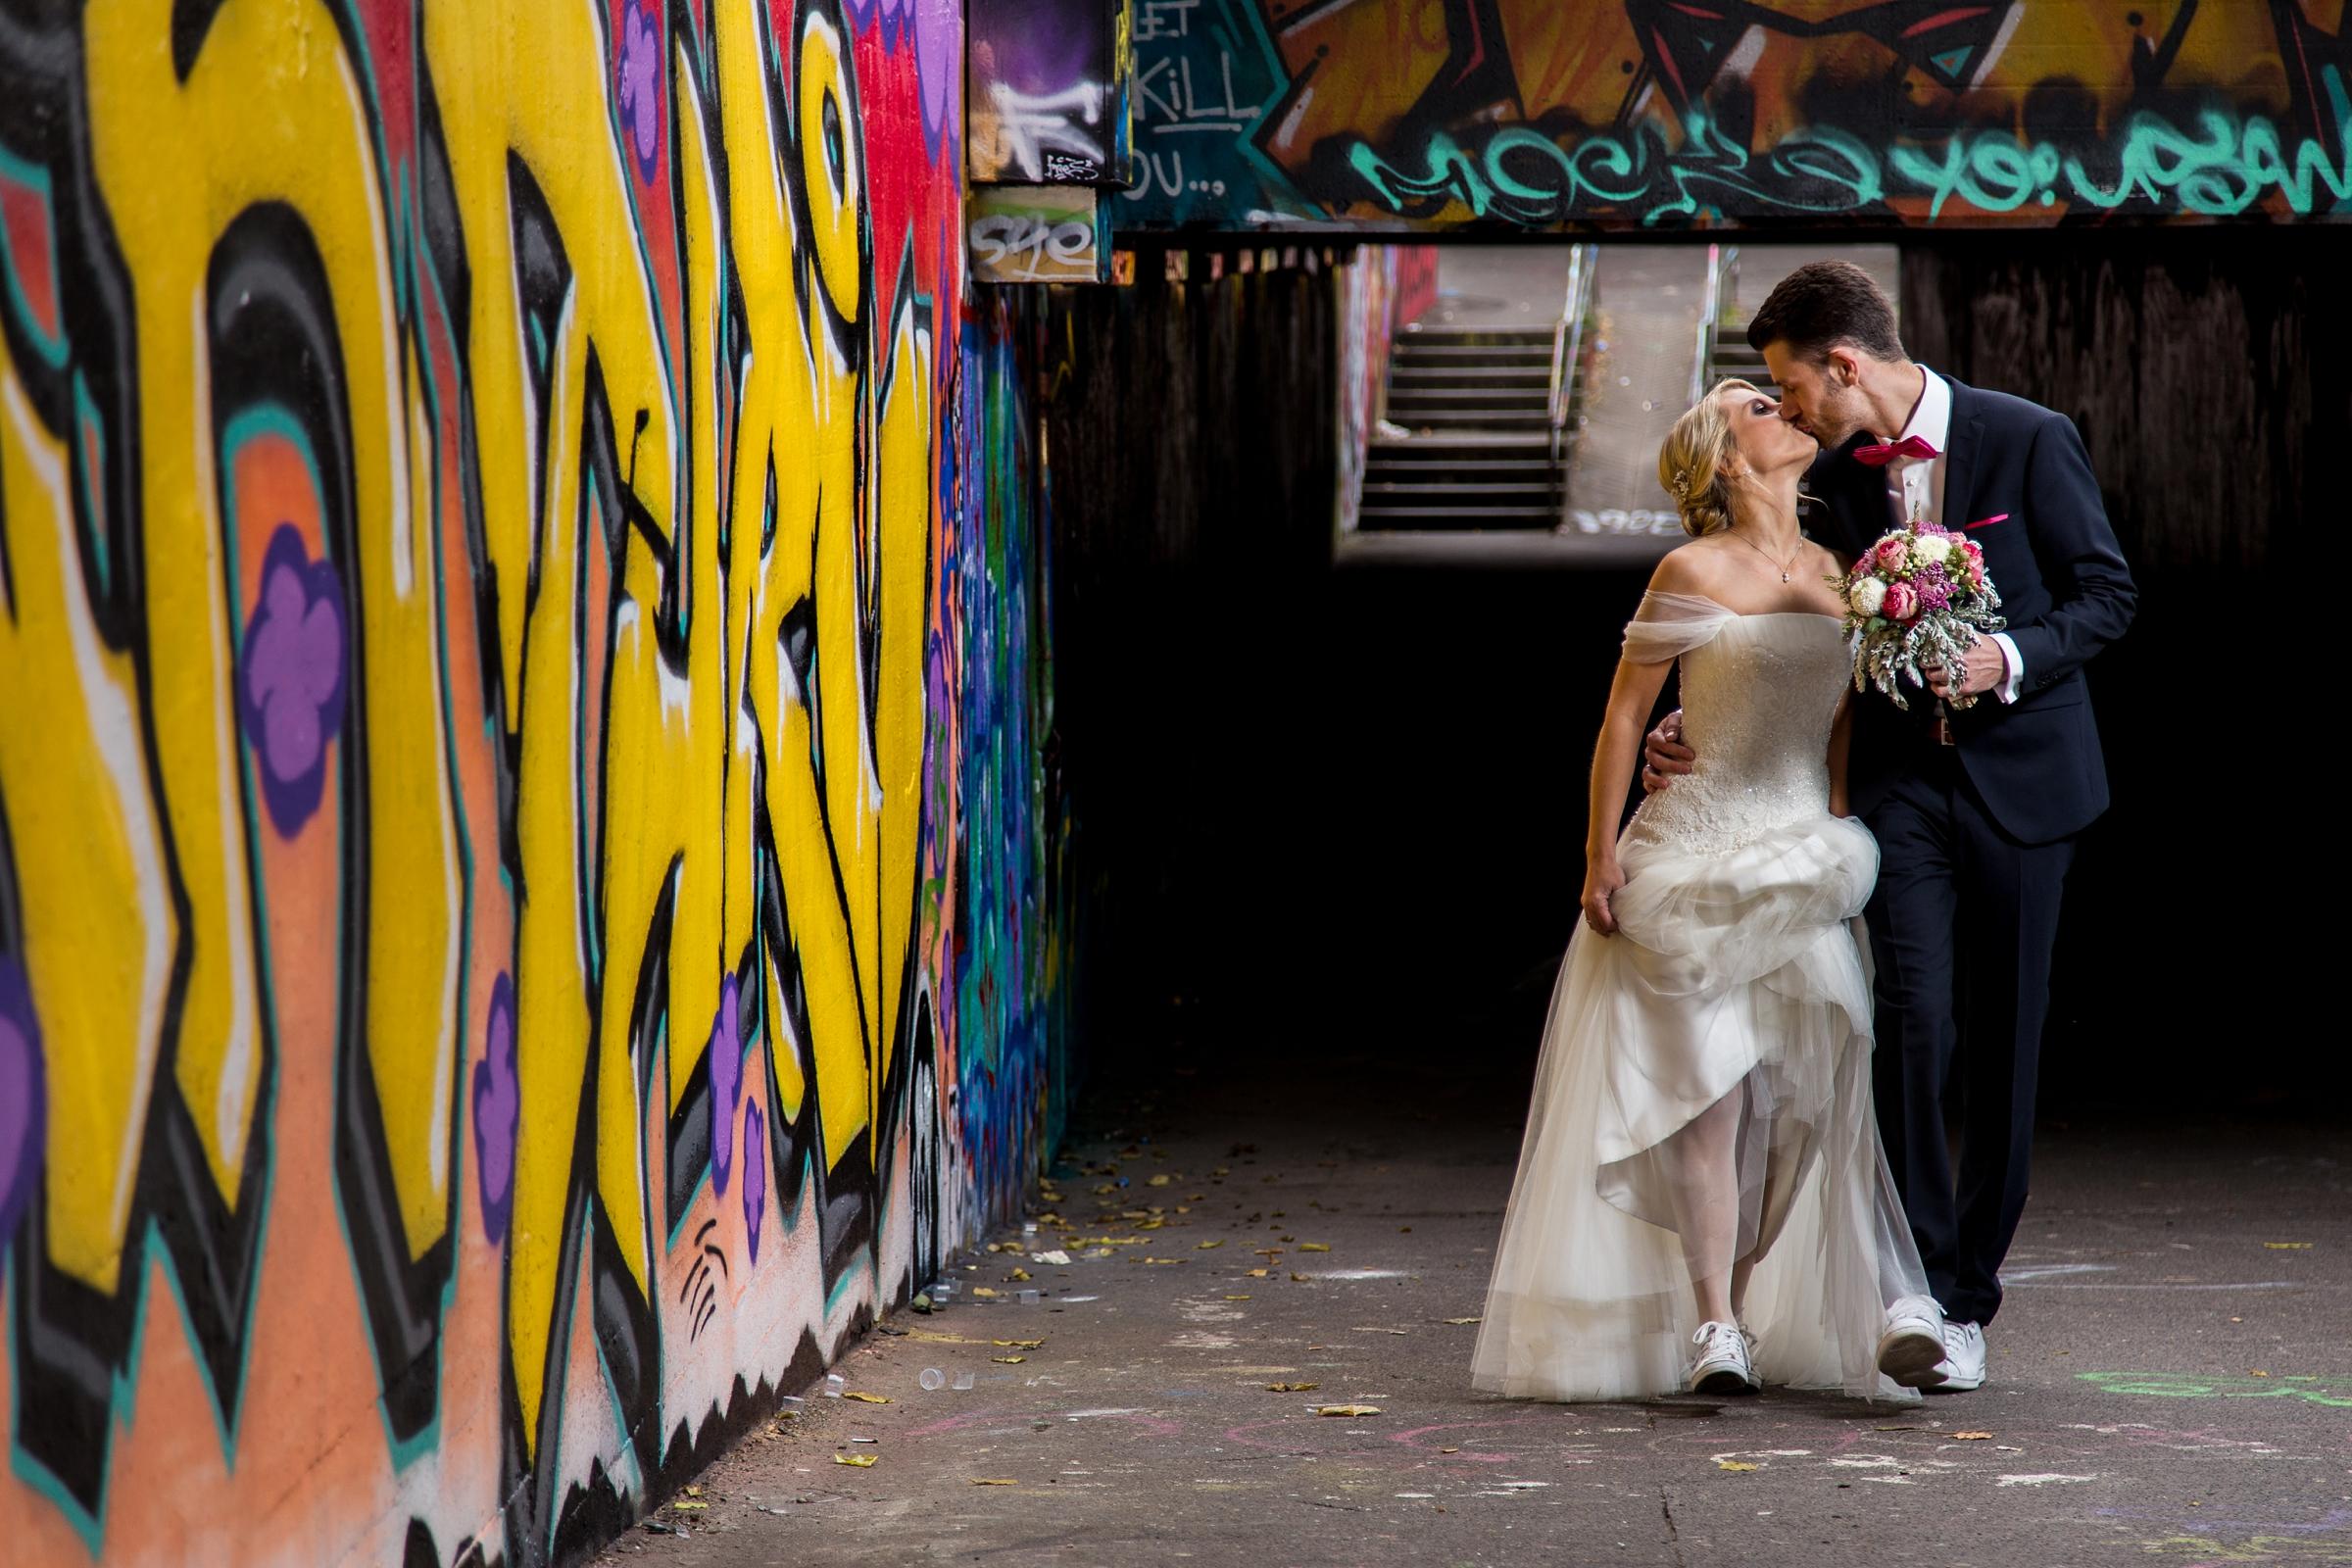 Hochzeitsfotograf-Mainz-Wiesbaden-Graffiti-Kuss-Brautpaar